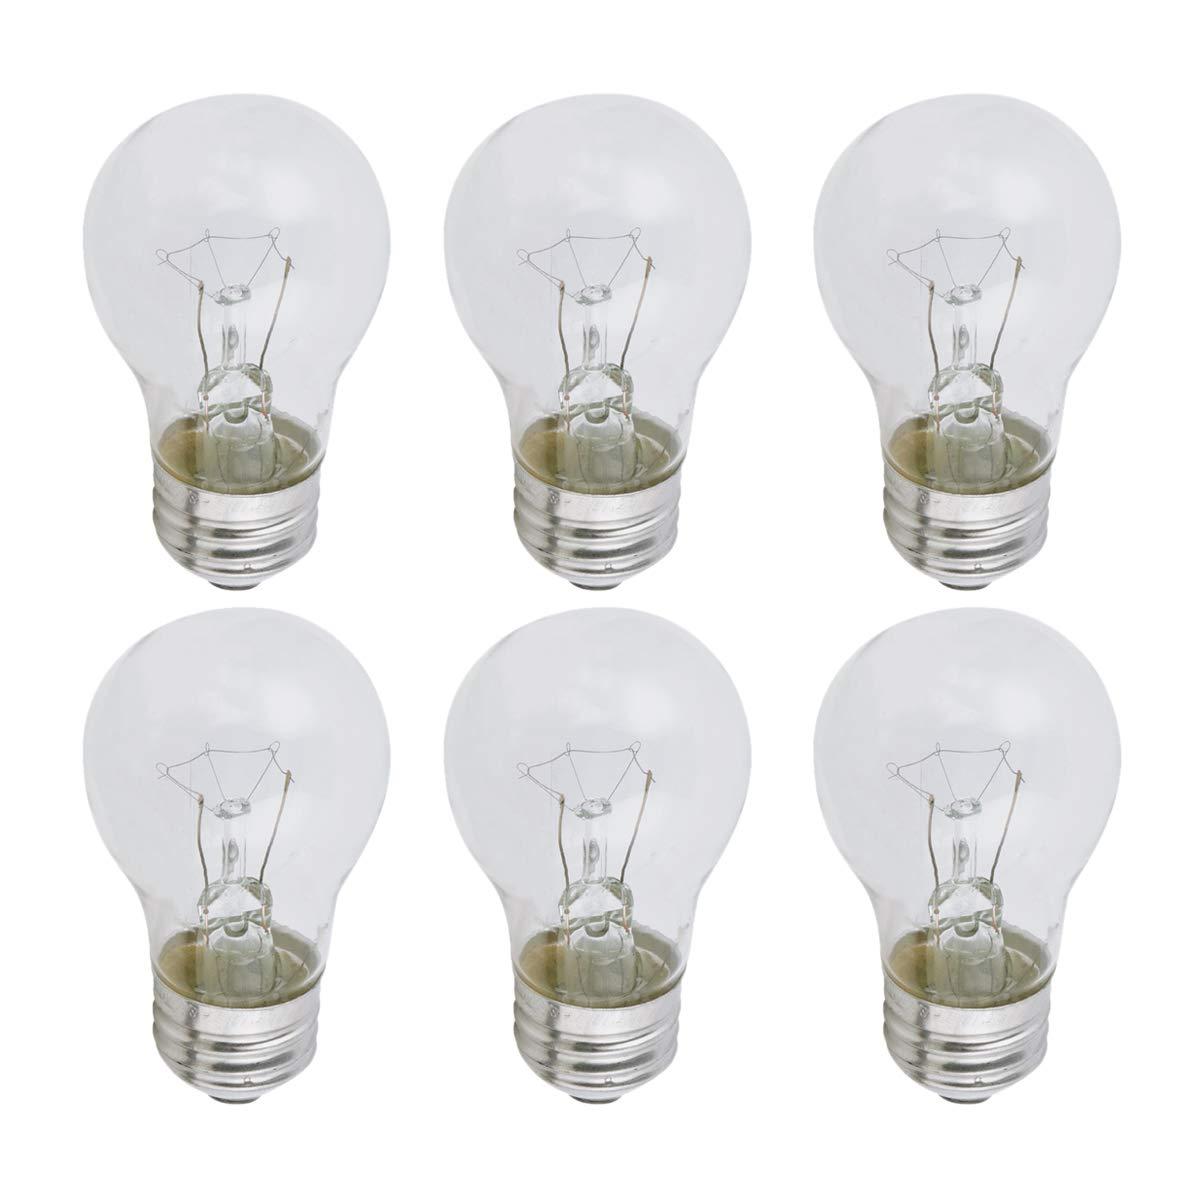 Clear A15 Incandescent Appliance Light Bulb, 40 Watt, 2700K Soft White, E26 Medium Base, 320 Lumens, 130V (6 Pack)